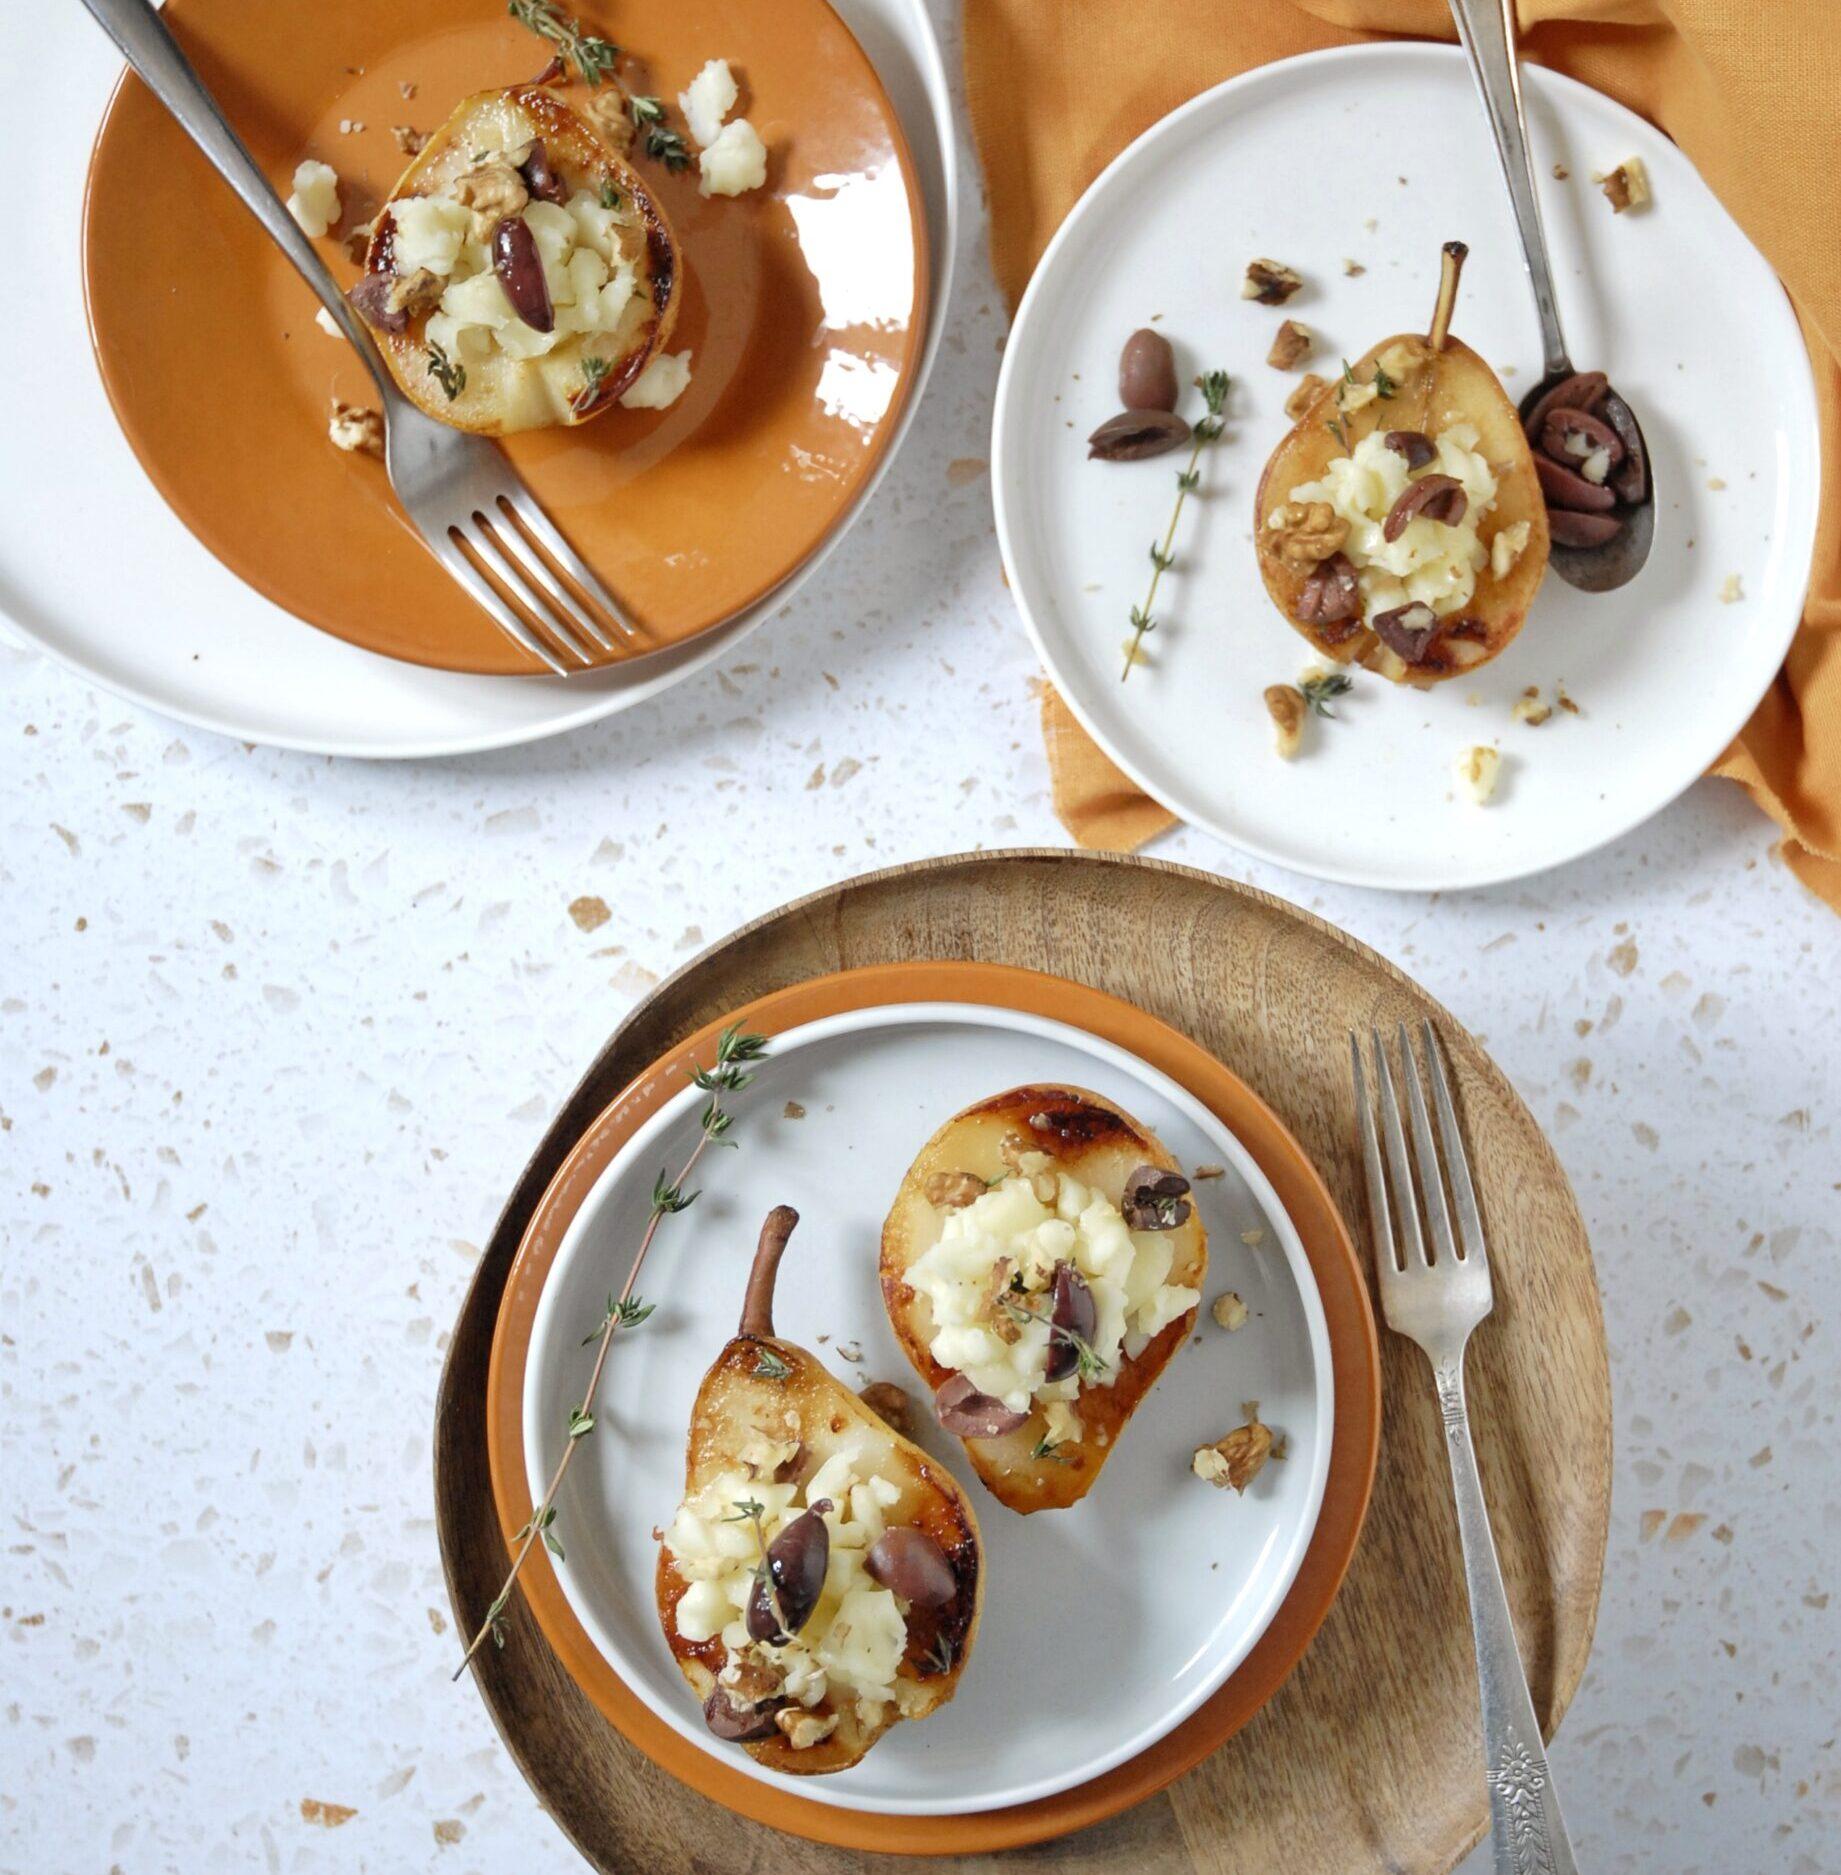 Pere arrosto con briciole di pecorino, olive taggiasche, miele e noci